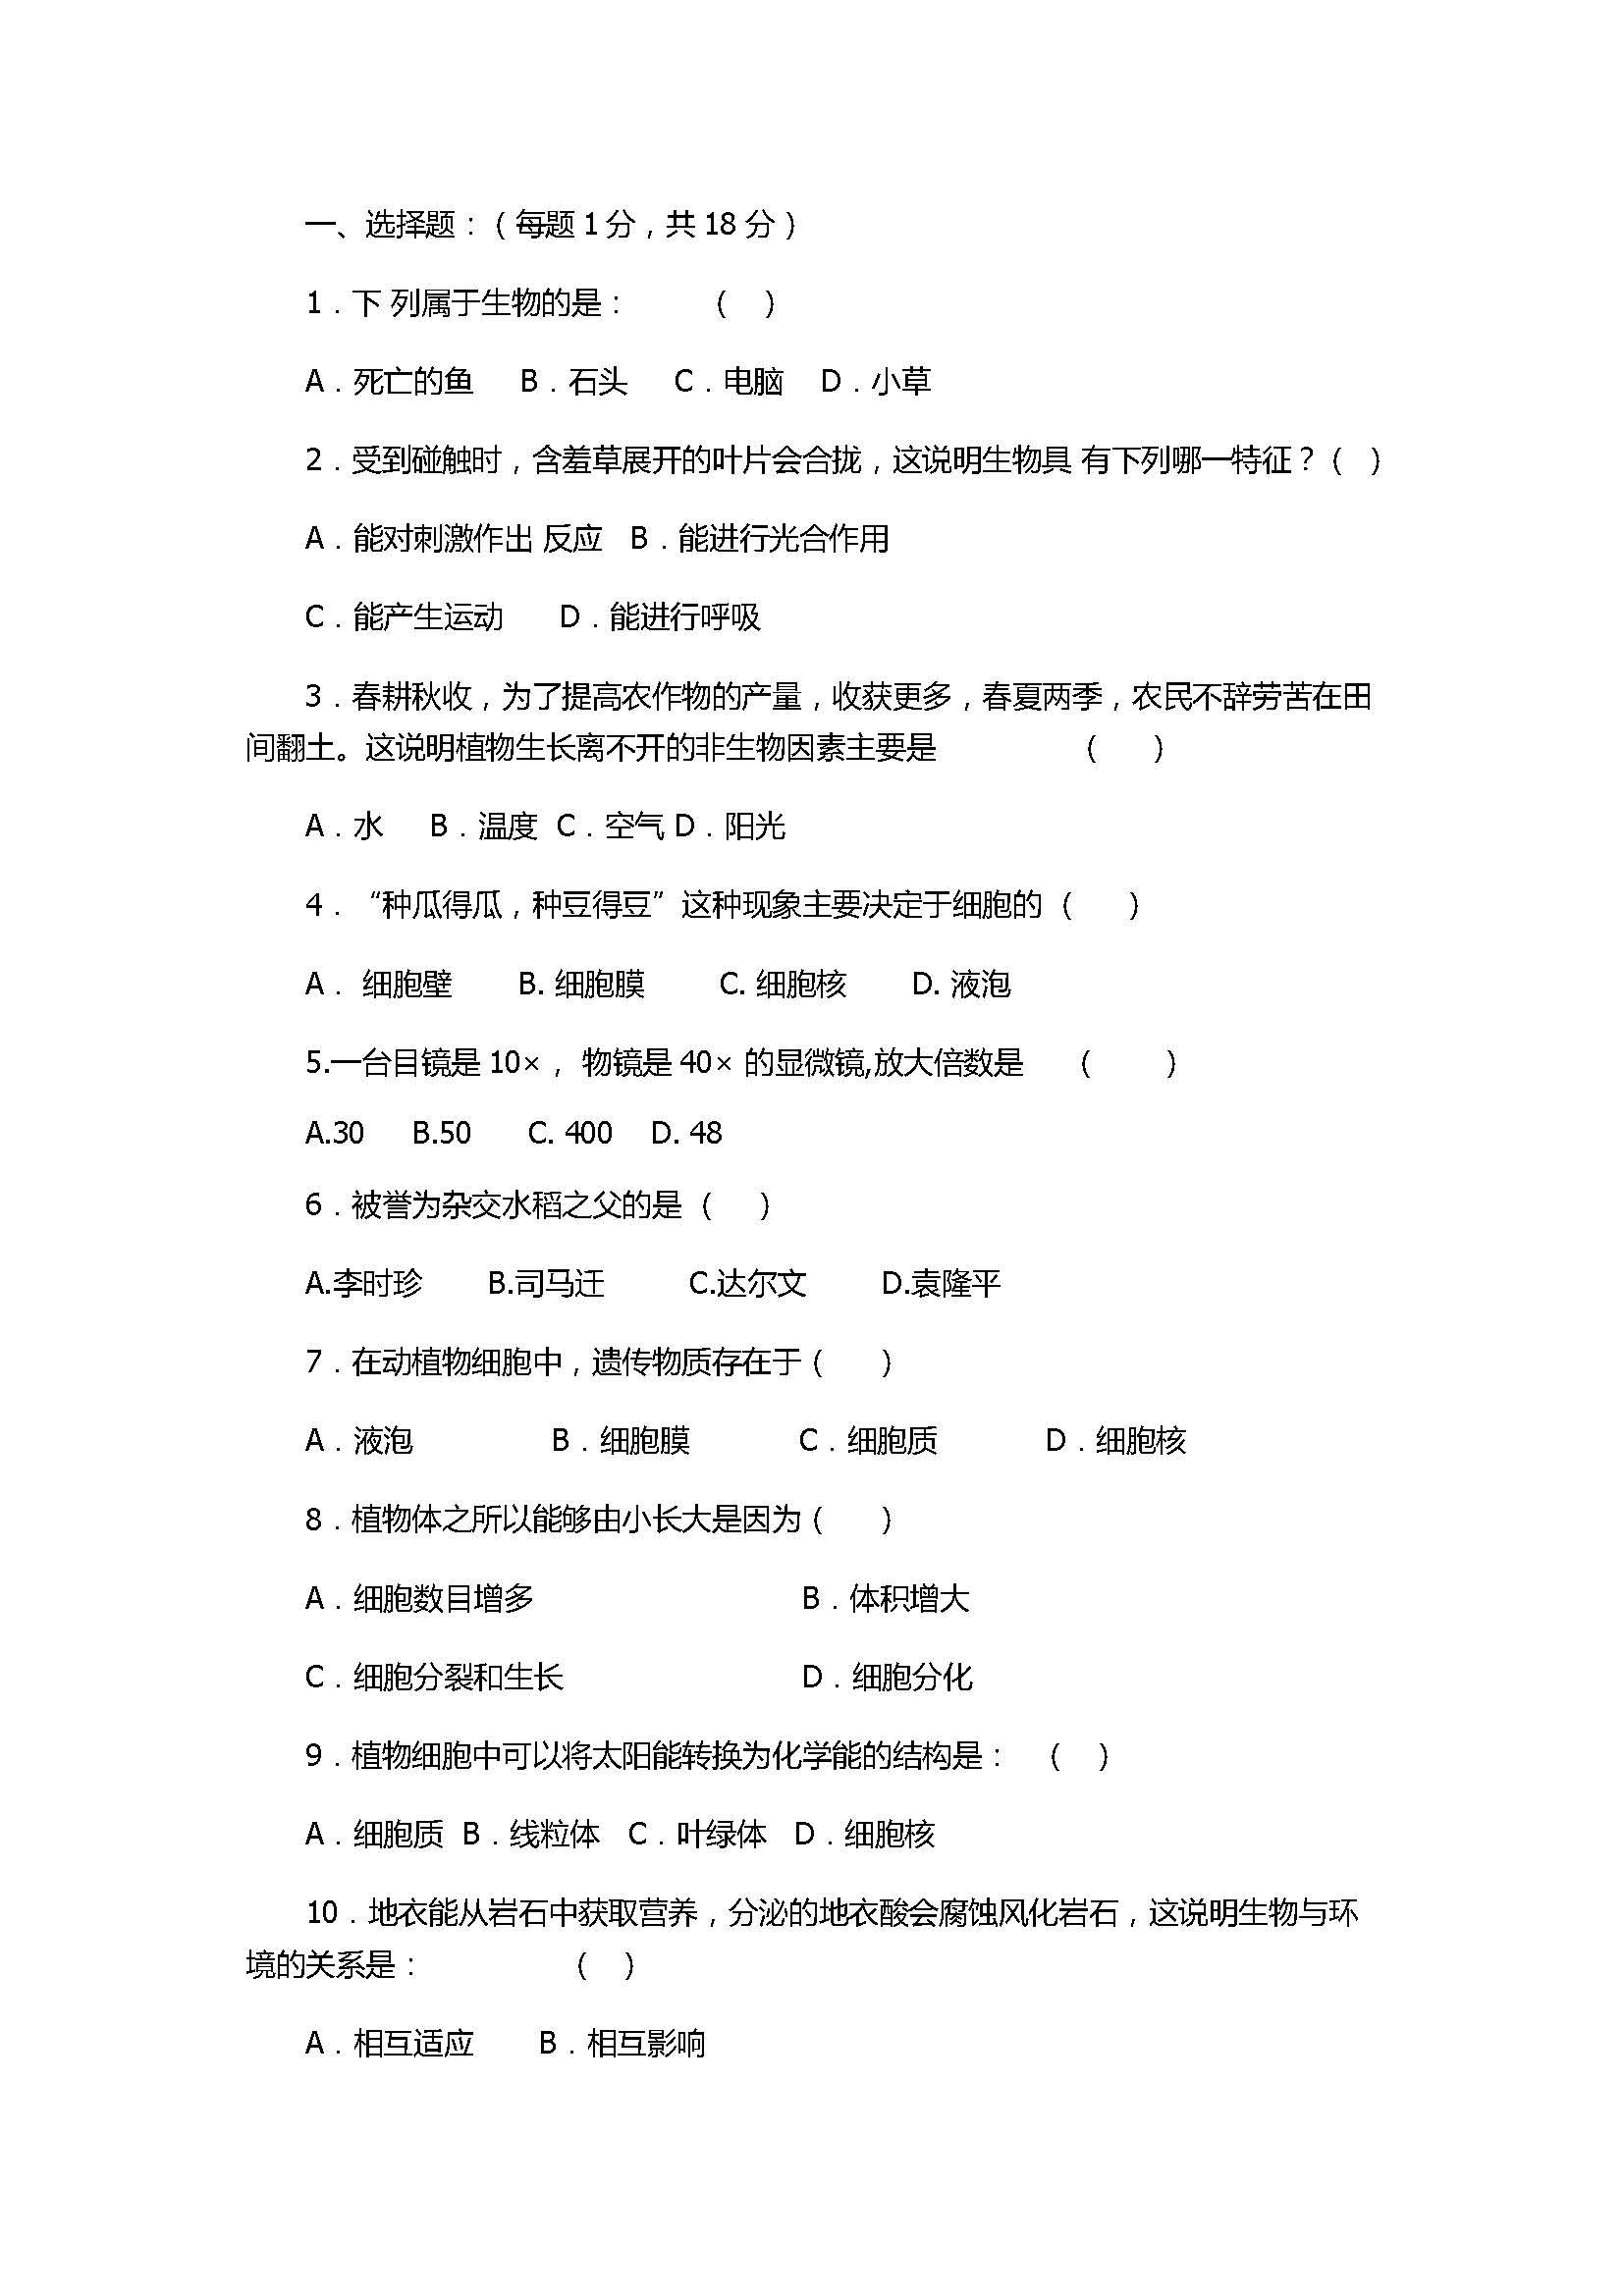 2017七年级生物期中测试题带参考答案(南华中学)